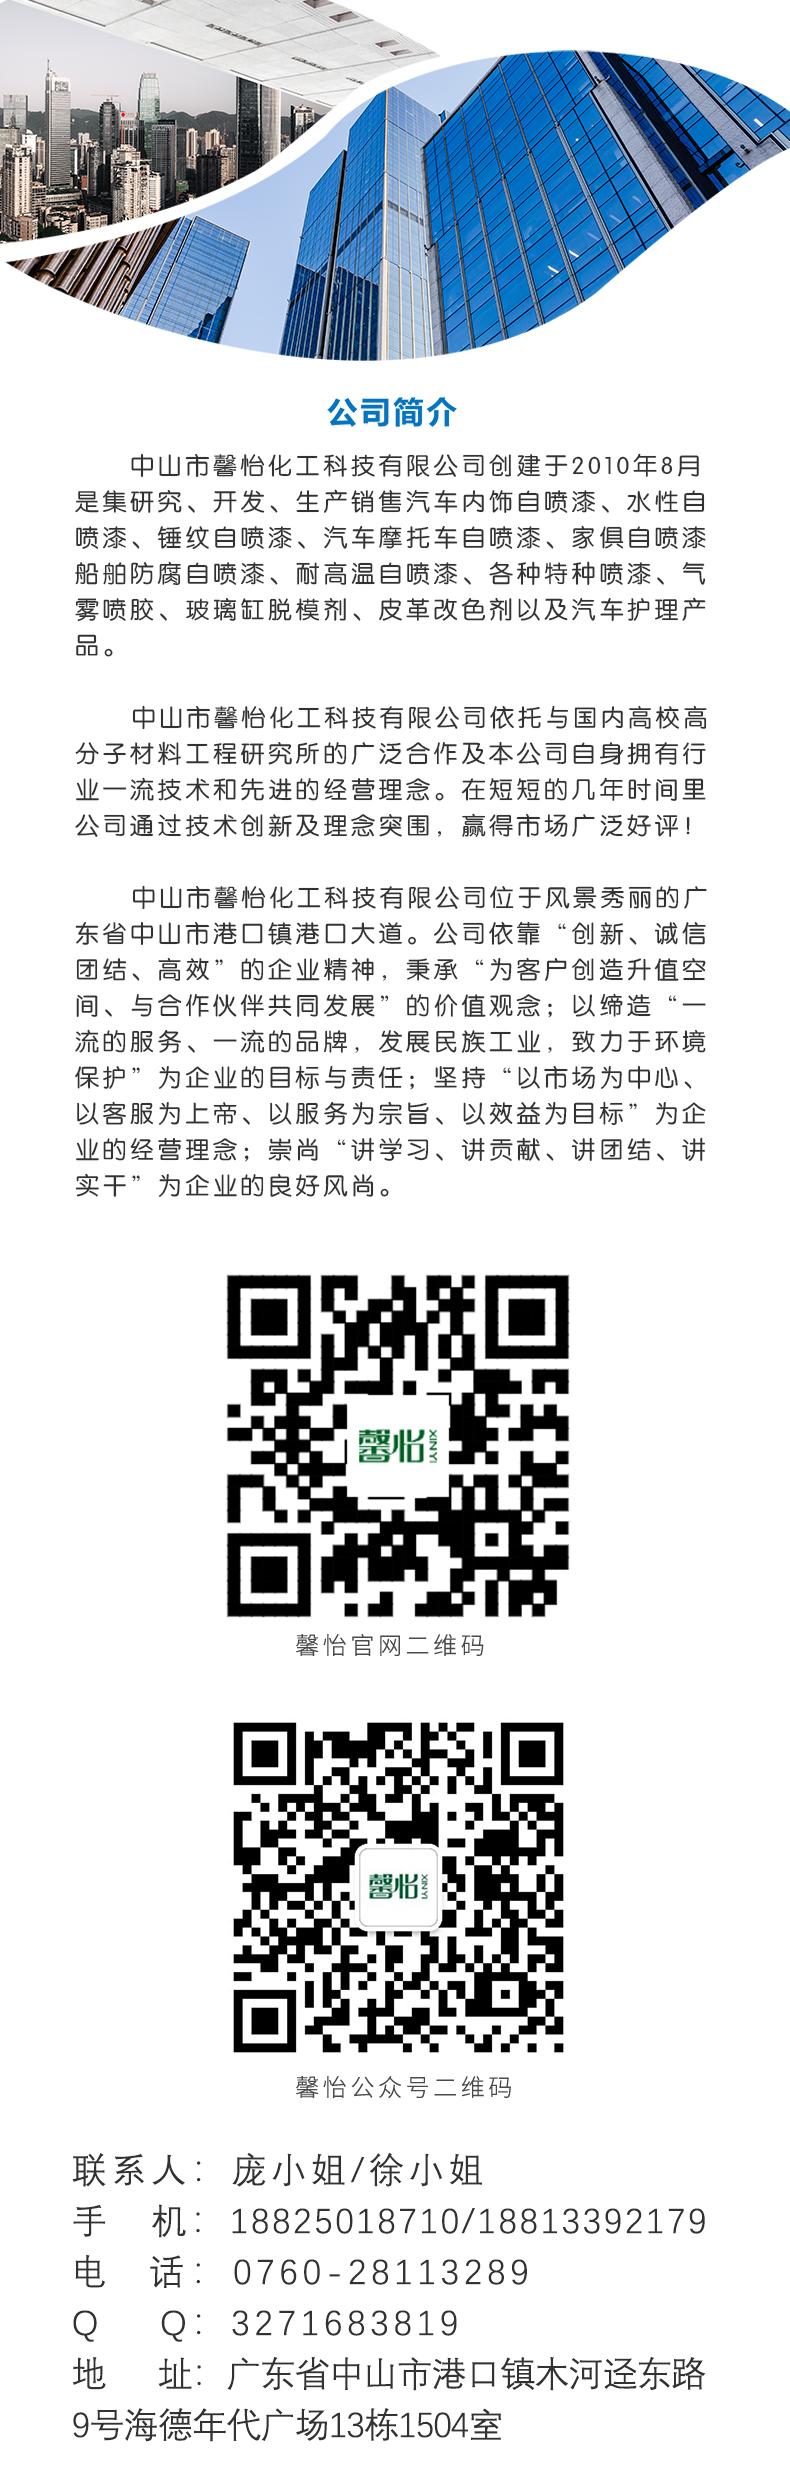 微信图片_20201230100853